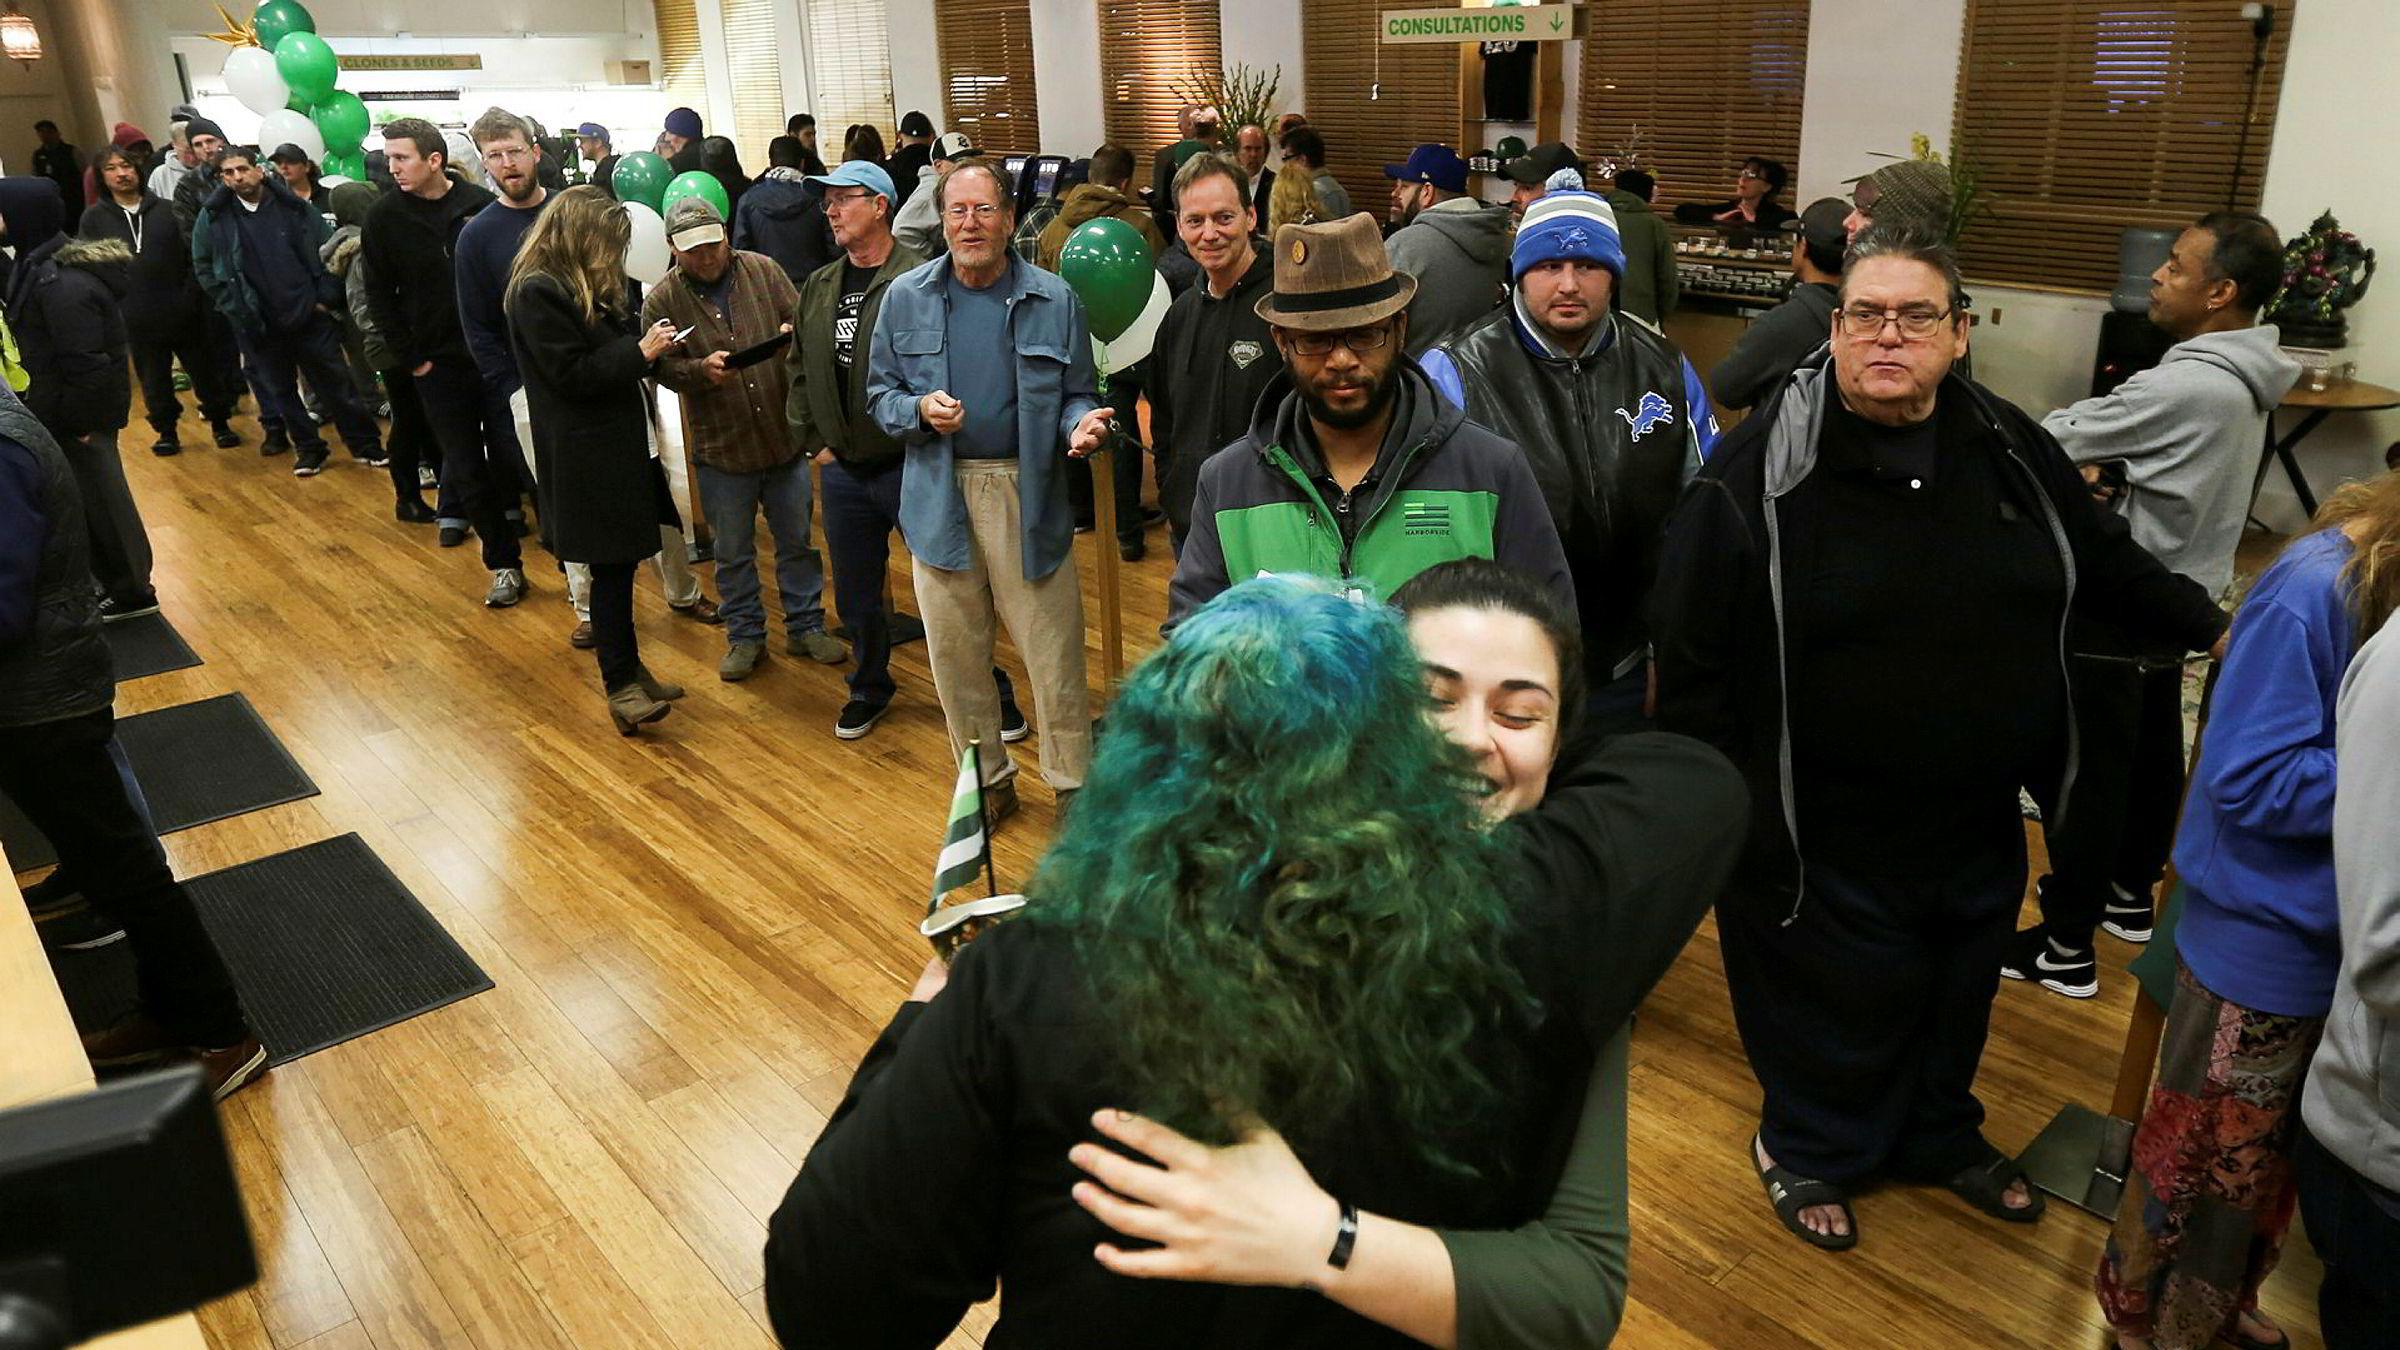 En ansatt ønsker de første kundene hjertelig velkommen til marihuanabutikken Harborside i Oakland. Frem til nå har dette tradisjonsrike utsalget kun fått selge til medisinsk bruk mot legeattest. Køene var mandag lange utenfor de fleste utsalgene i California.